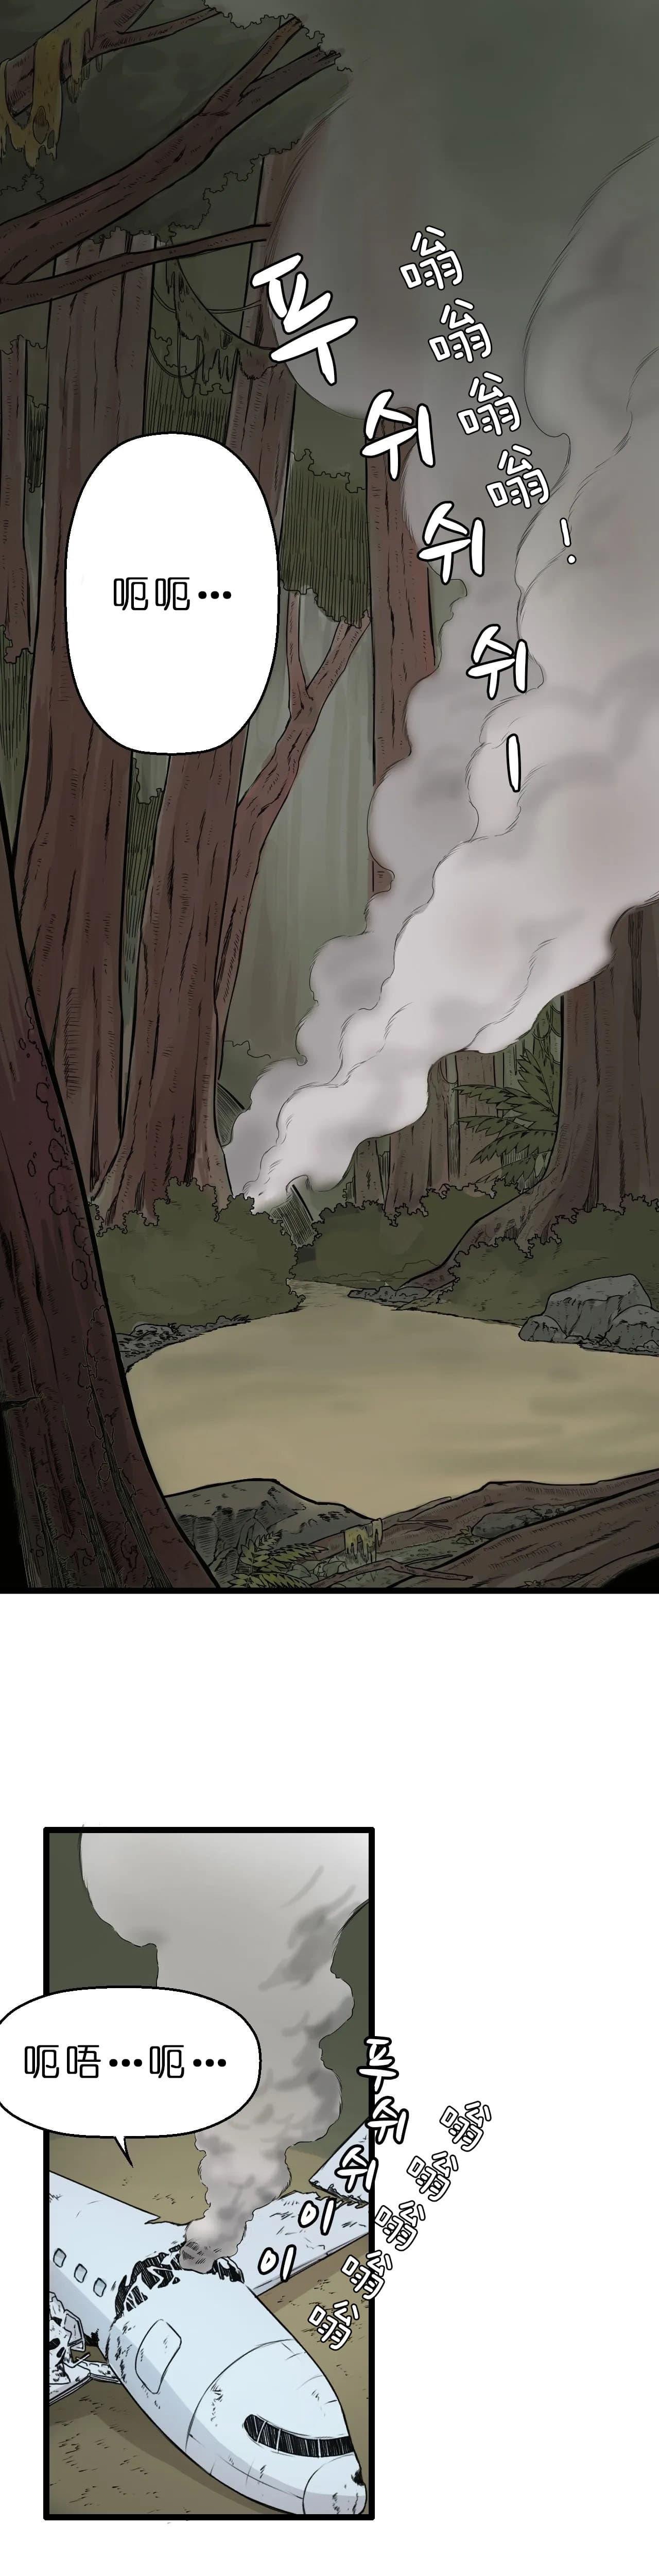 储备粮的心酸史-漫画完整版汉化 在线阅读免费-啵乐漫画